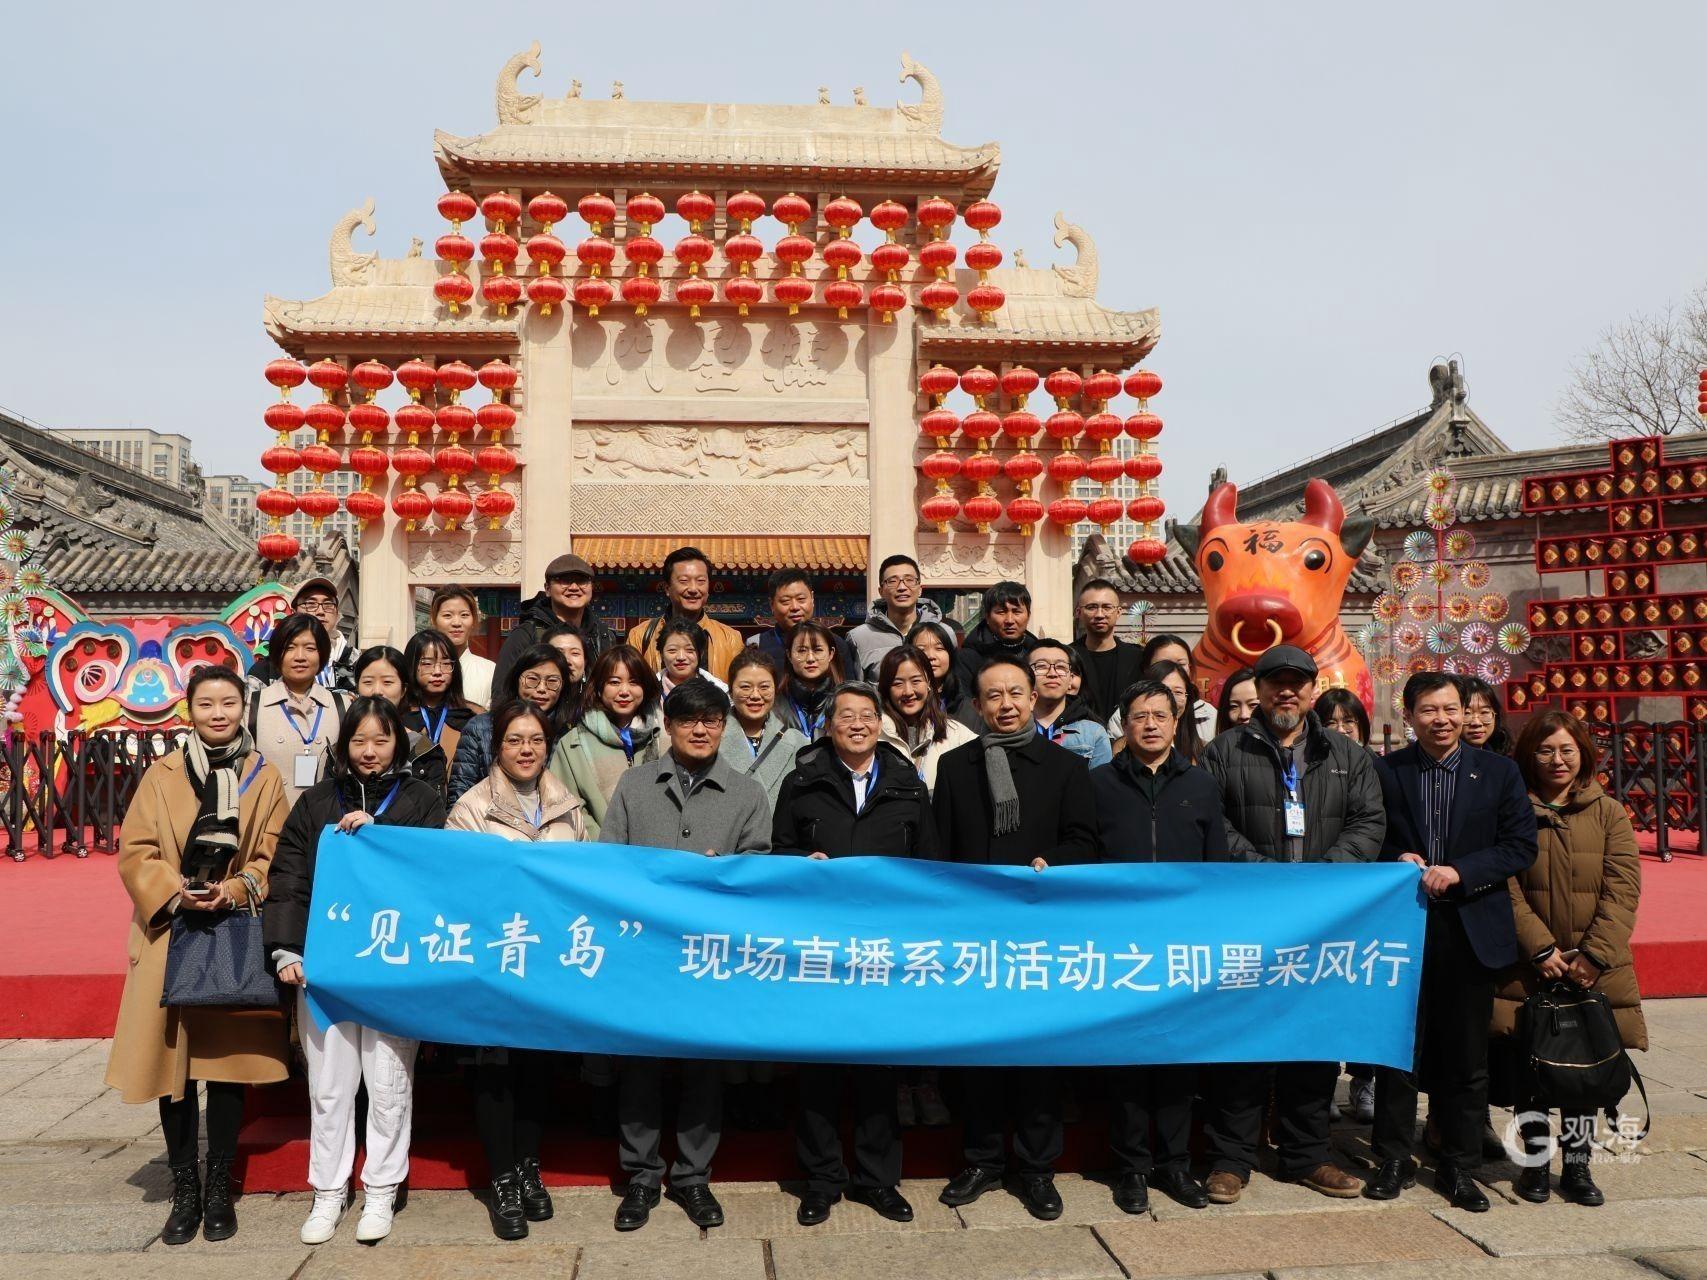 見證青島第二期:這座國際時尚城,深度融合旅游業、文化創意產業與科技產業